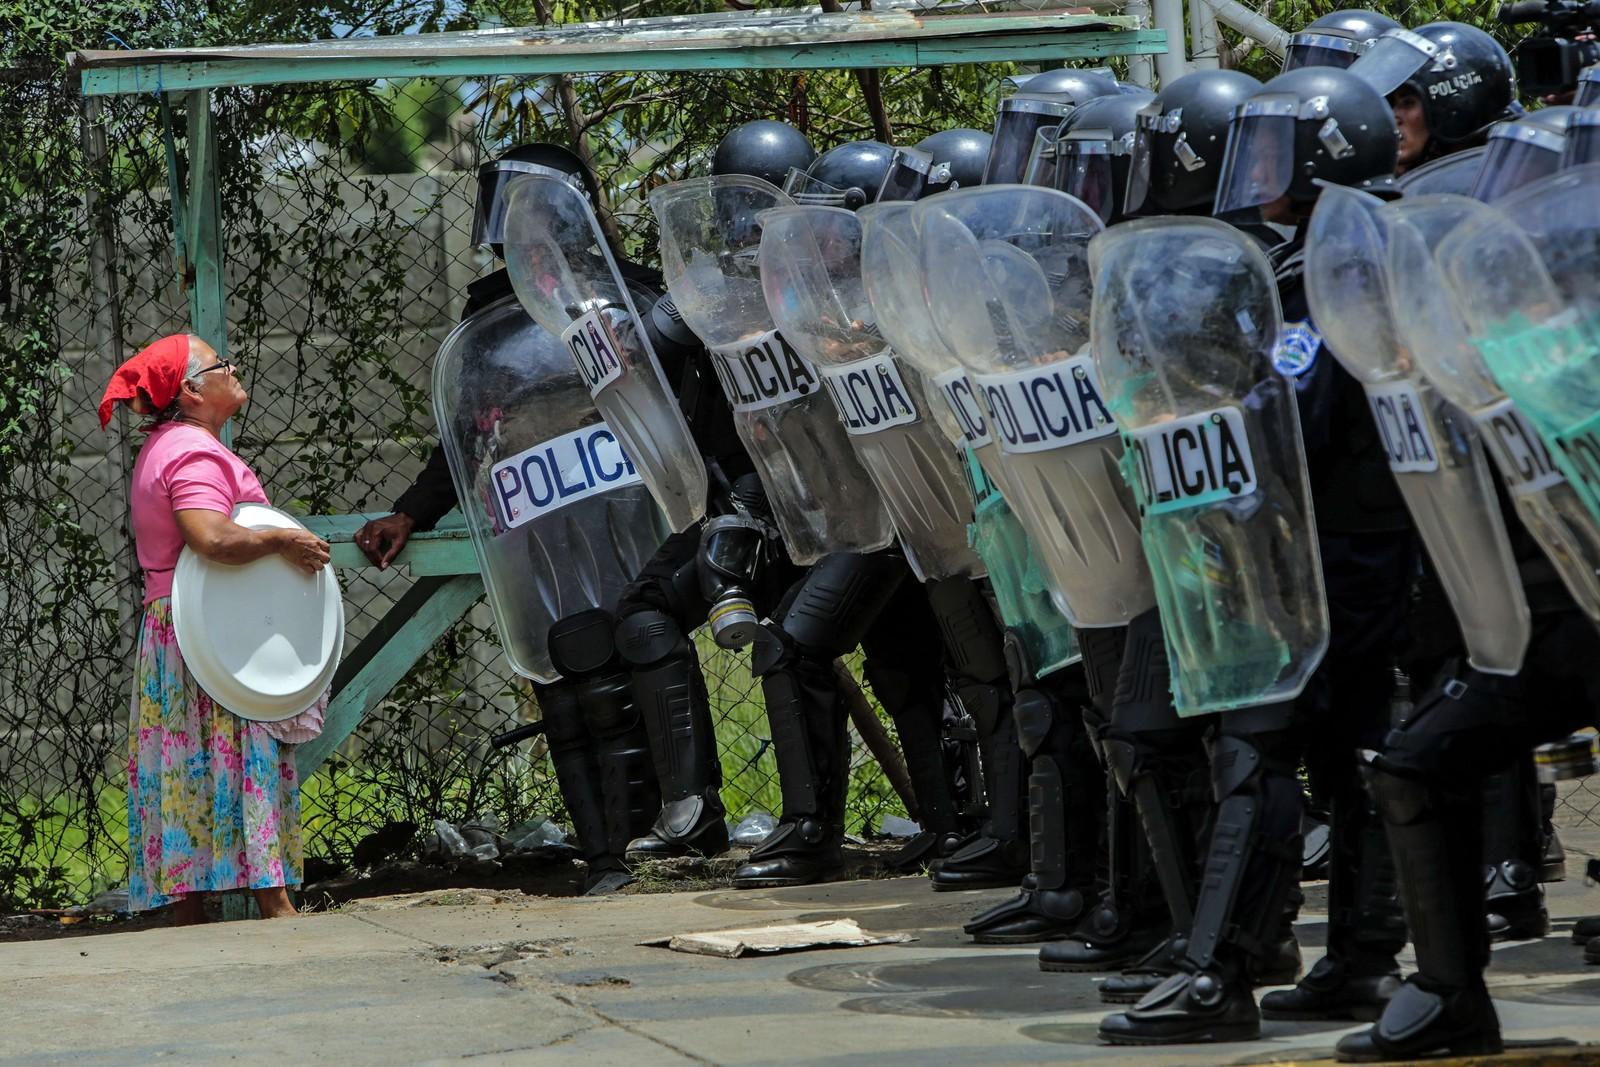 Opprørspoliti spør en eldre kvinne om tillatelse til å gå inn i huset hennes i Managua, Nicaragua. Politiet er på gatene grunna store demonstrasjoner i forbindelse med neste års valg.